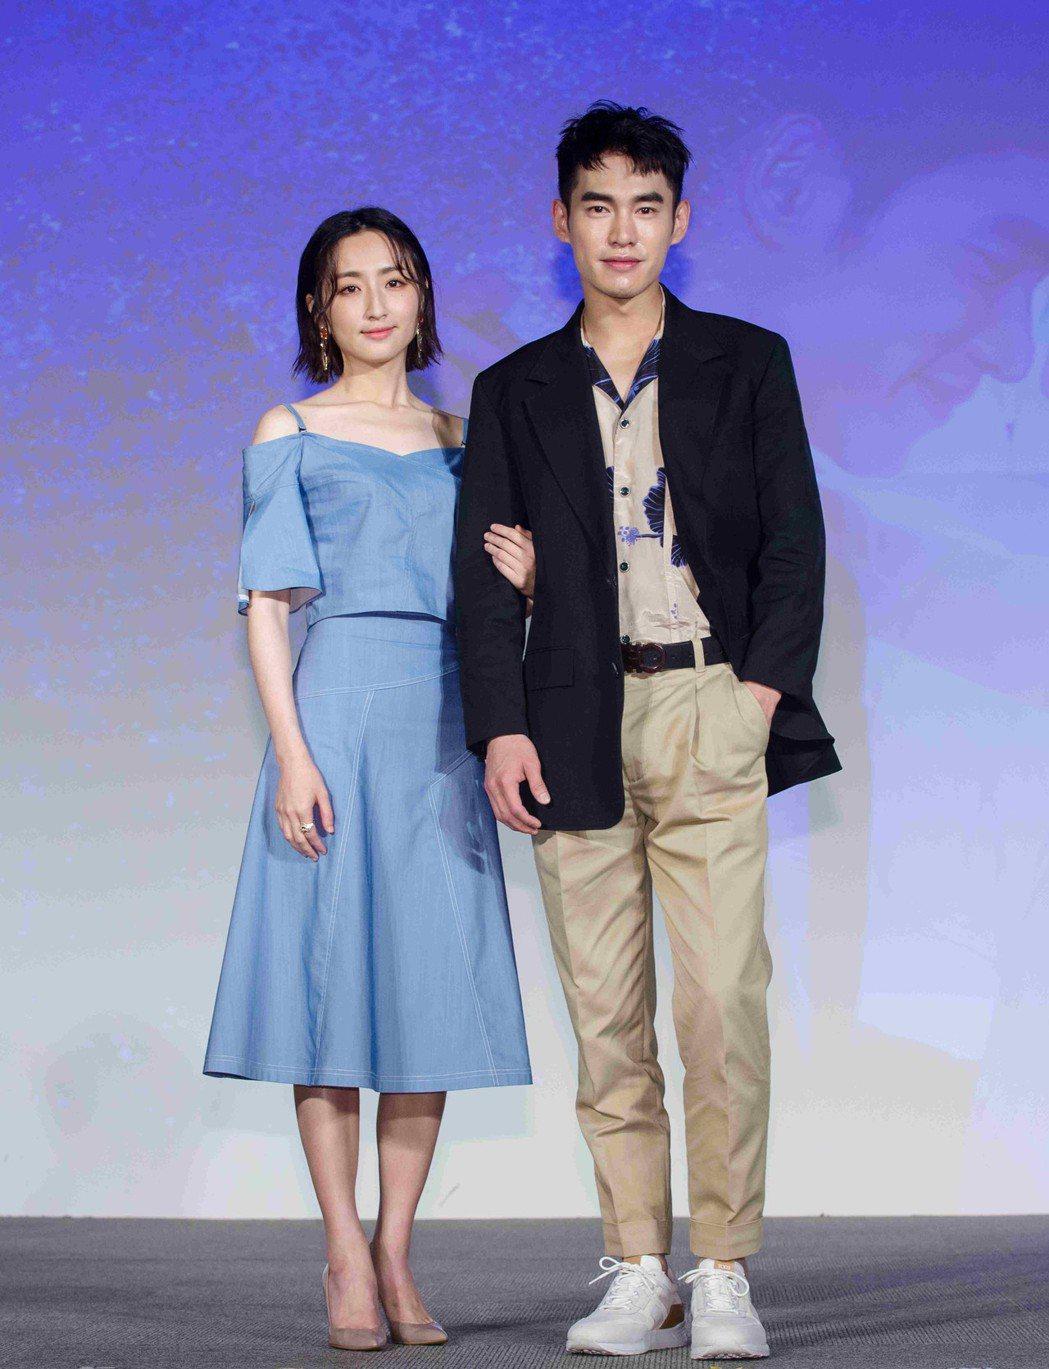 柯佳嬿(左)、張書豪在「如果愛,重來」中面臨婚姻經營問題。圖/歐銻銻娛樂提供